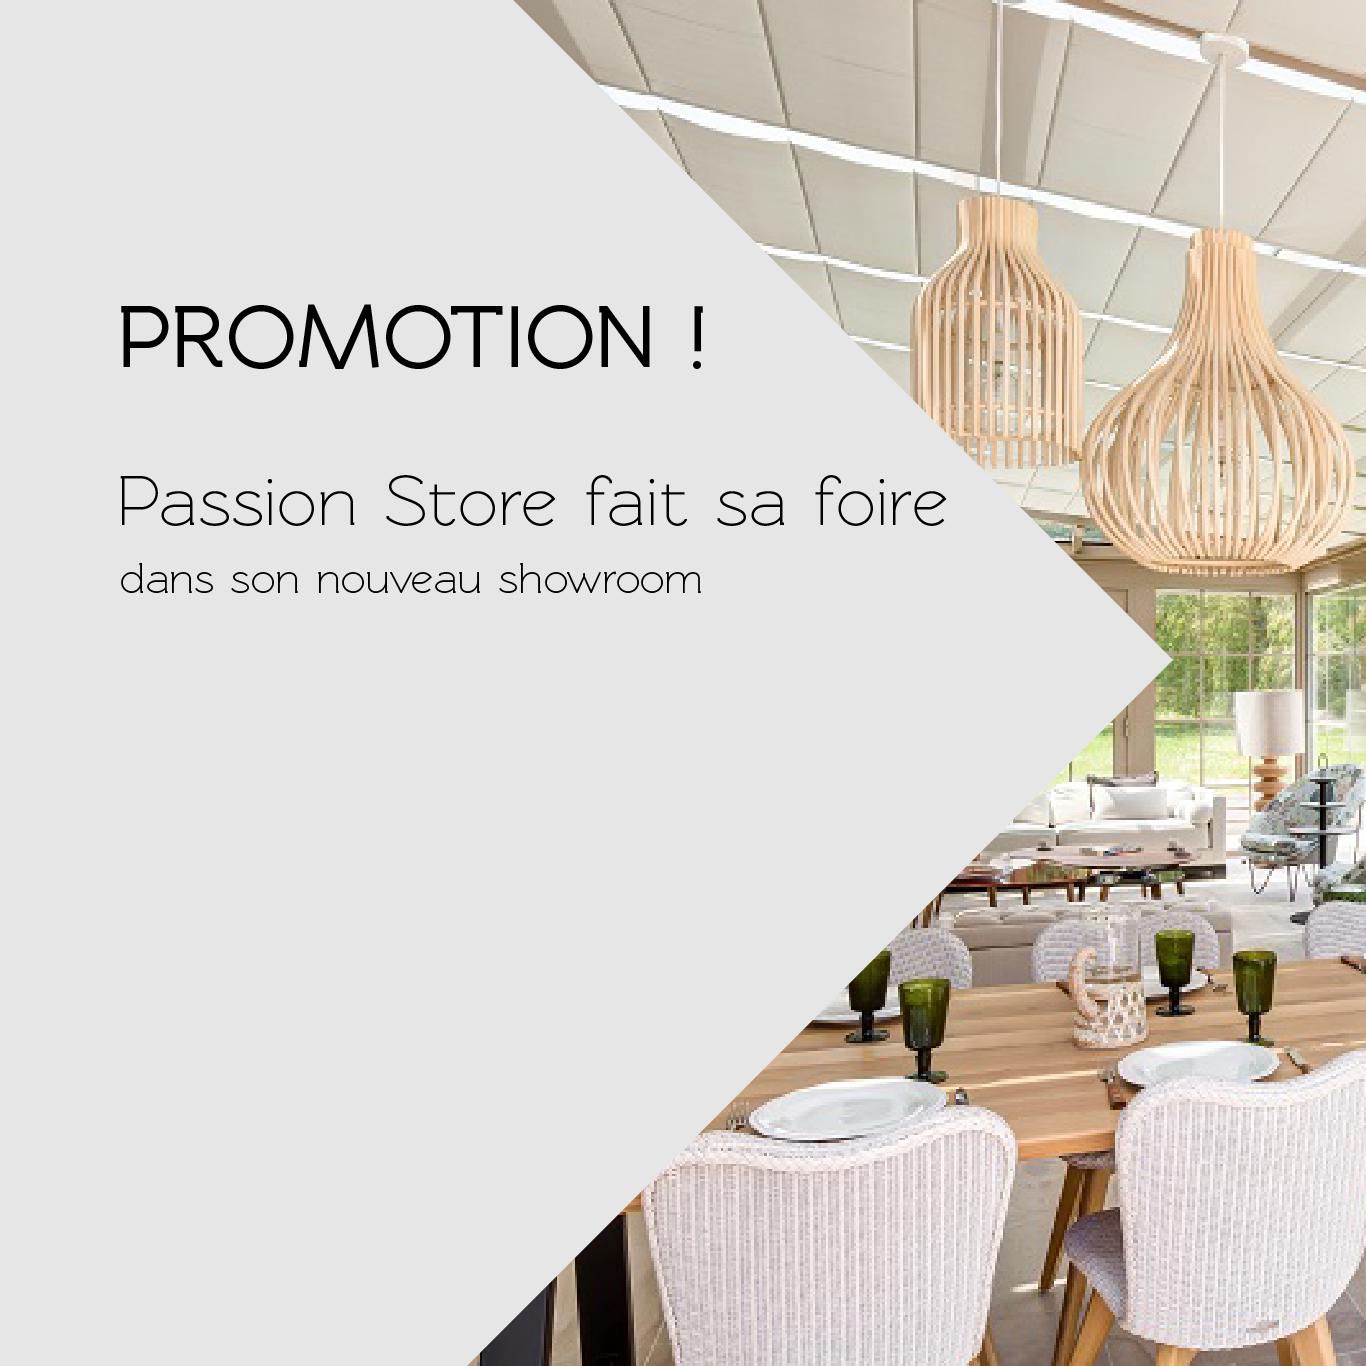 promotion passion store fait sa foire